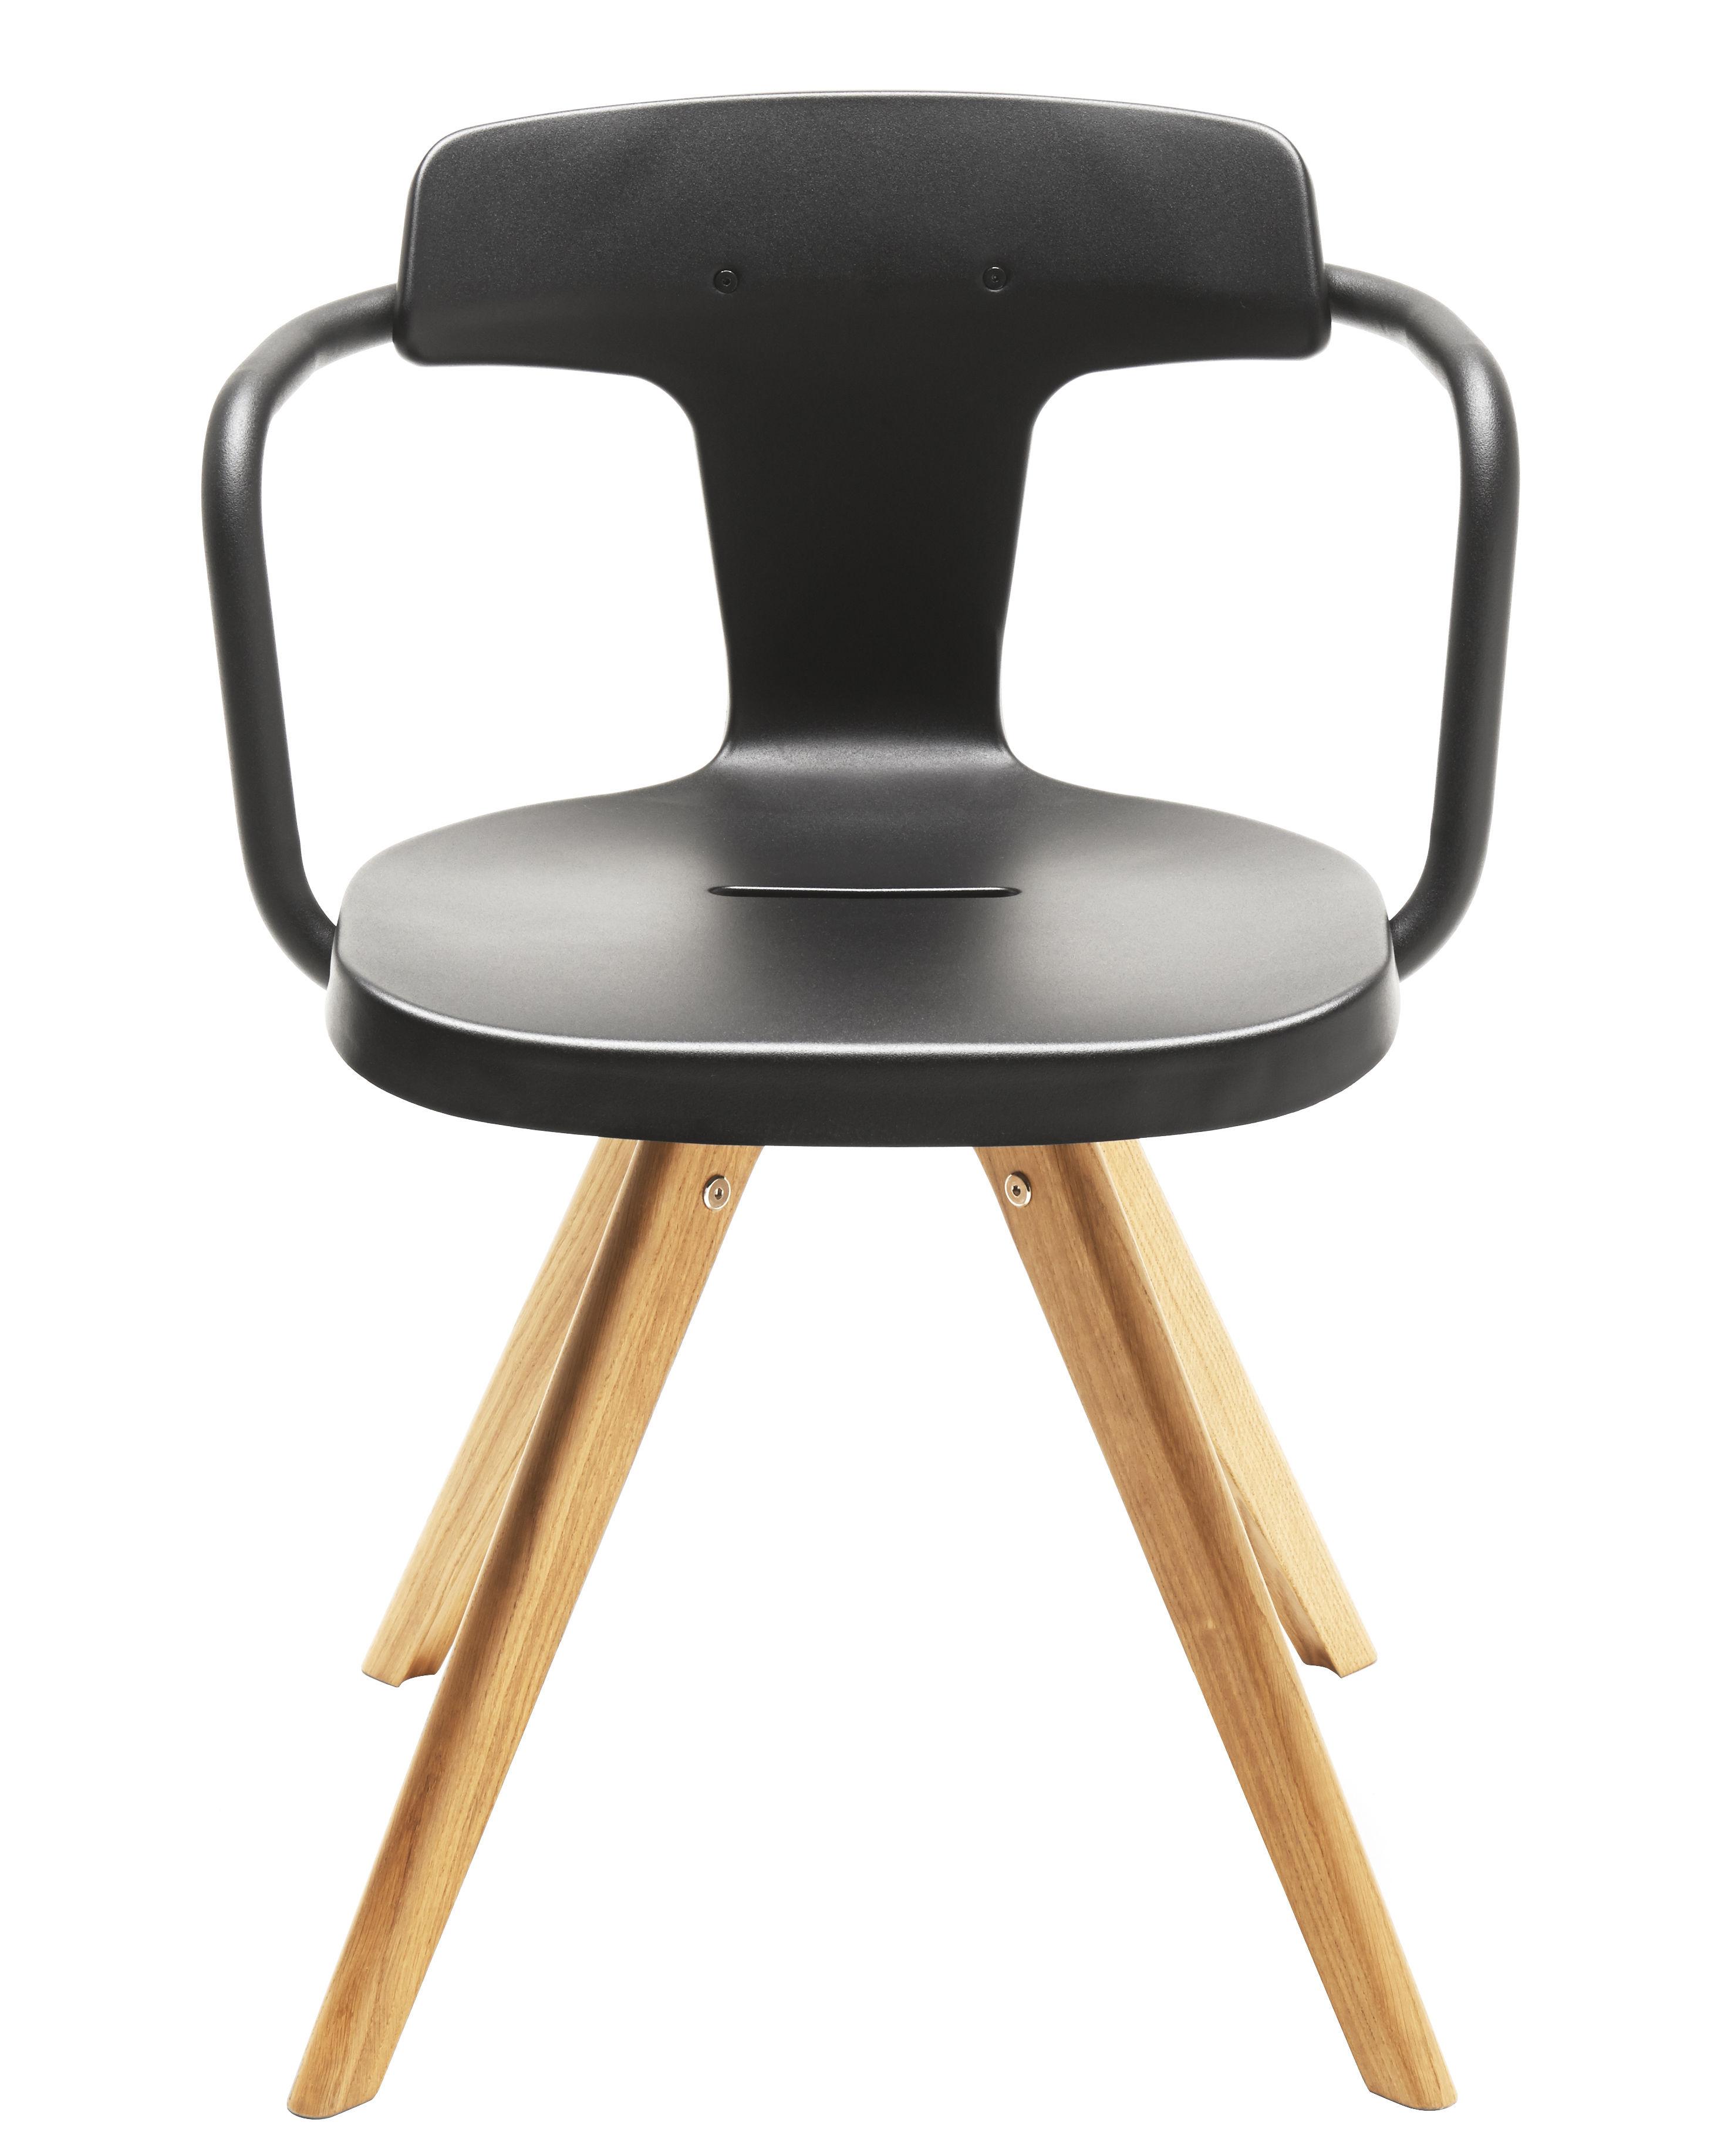 Möbel - Stühle  - T14 Sessel / Stuhlbeine aus Holz - Tolix - Schwarz / Stuhlbeine holzfarben - Eiche, Lackierter recycelter Stahl